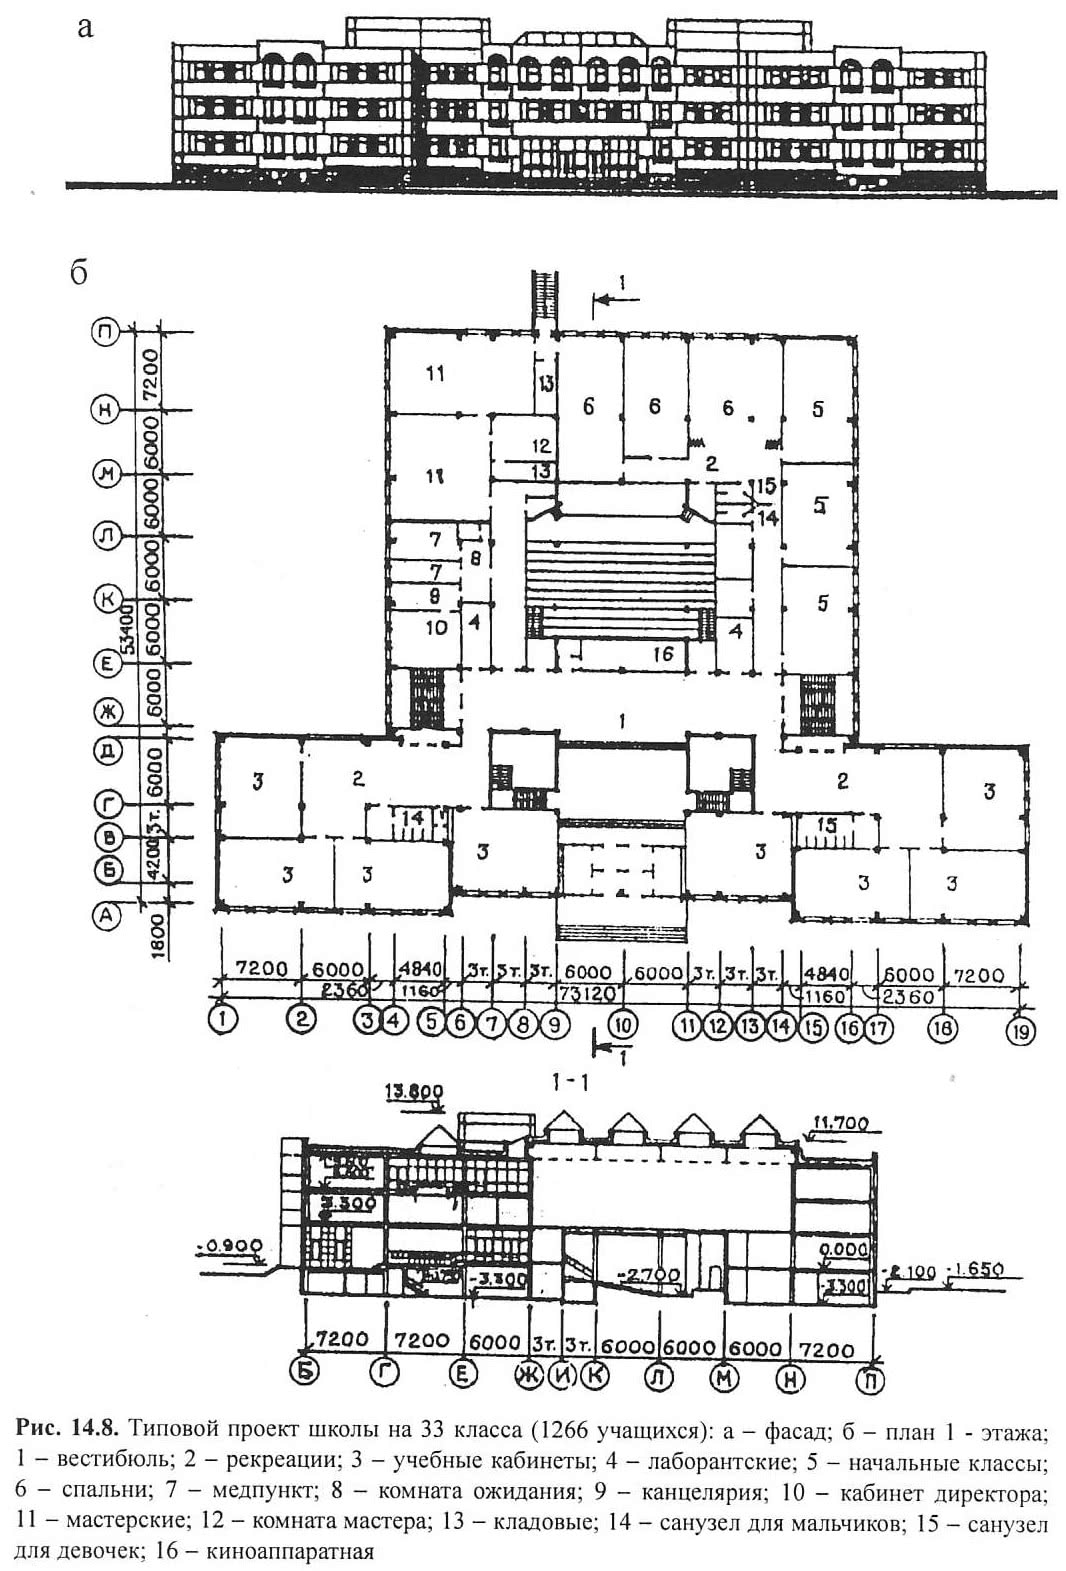 Рис. 14.8. Типовой проект школы на 33 класса (1266 учащихся)